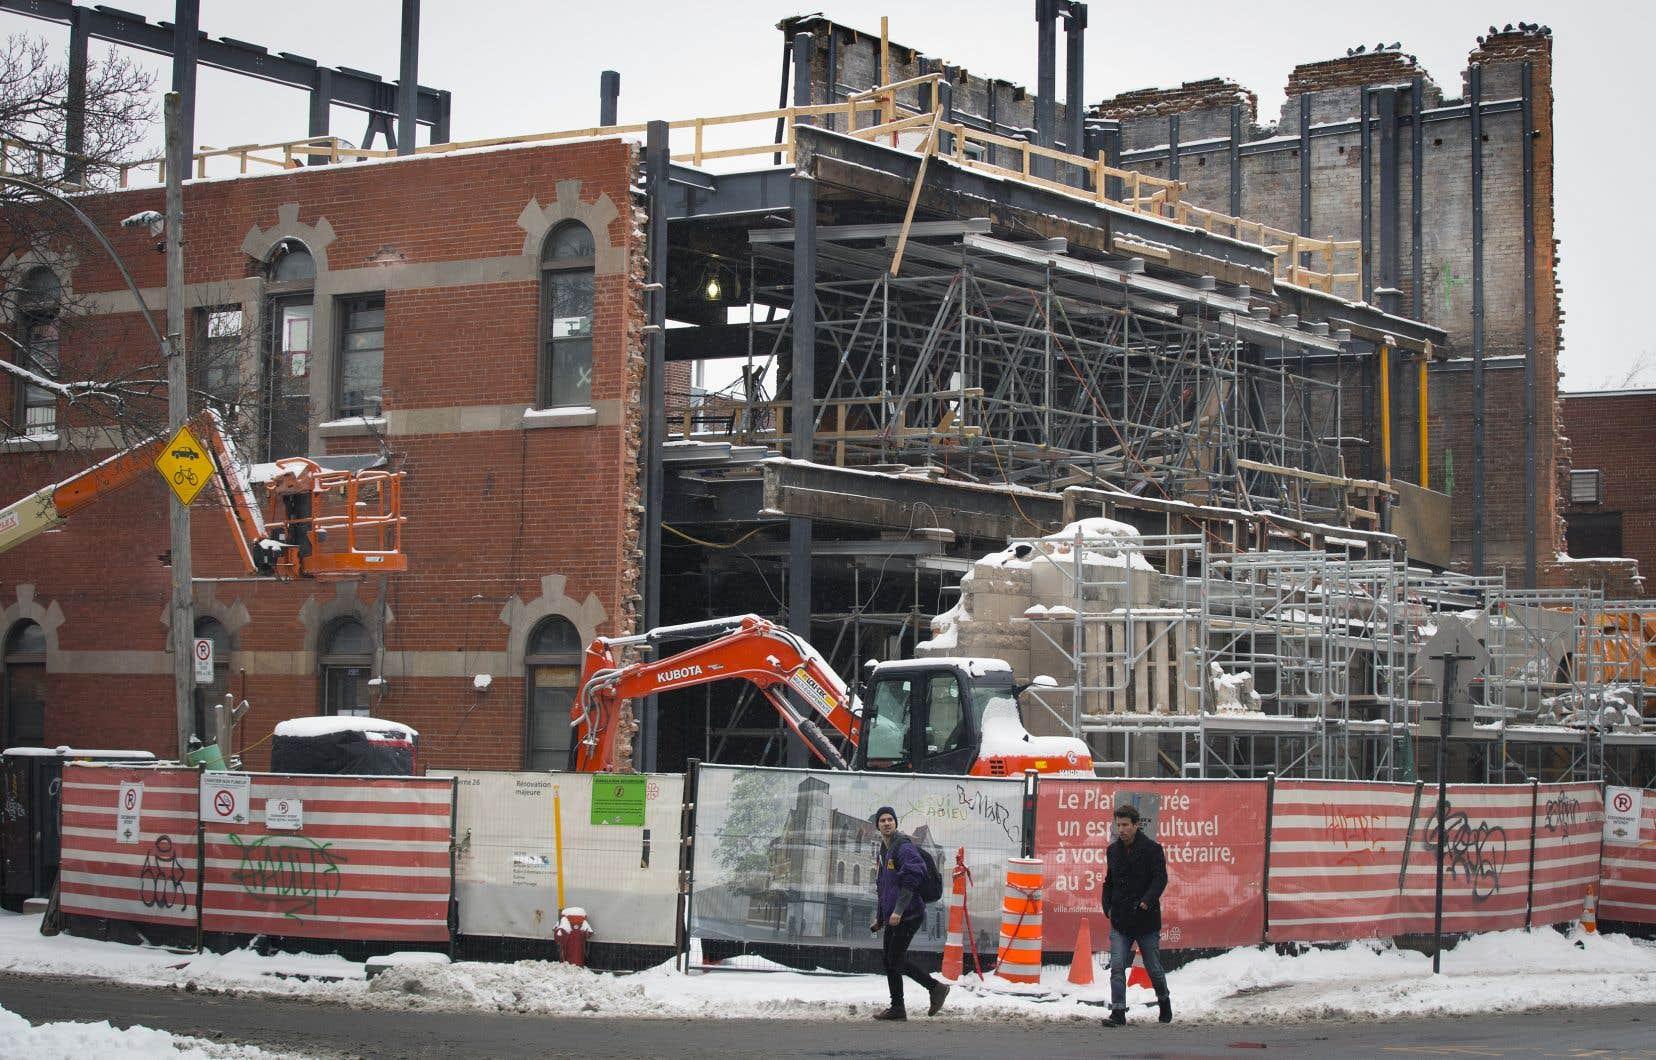 Vue actuelle de la caserne 26 à la suite de la démolition de la façade de pierres grises et du toit